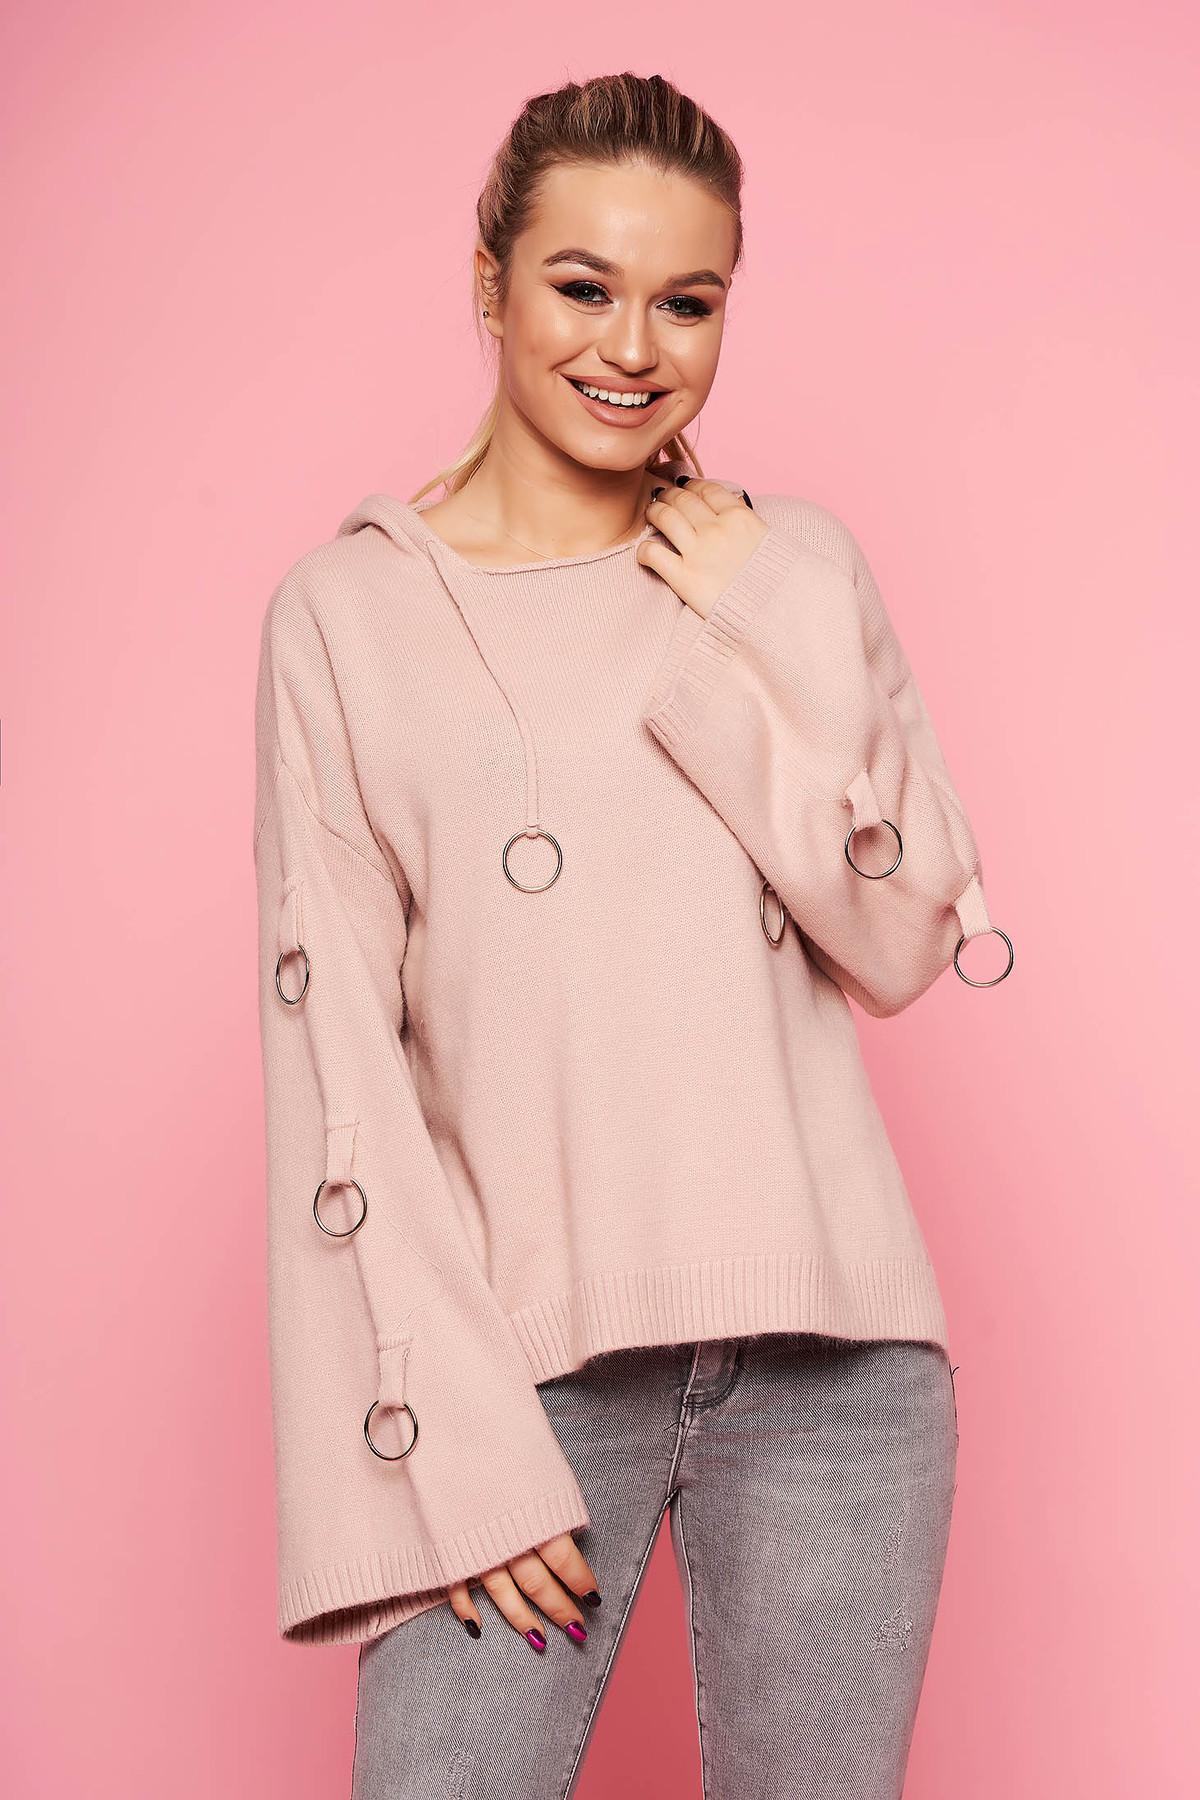 Pulover SunShine roz prafuit casual tricotat scurt cu croi larg cu gluga nedetasabila si accesorii metalice